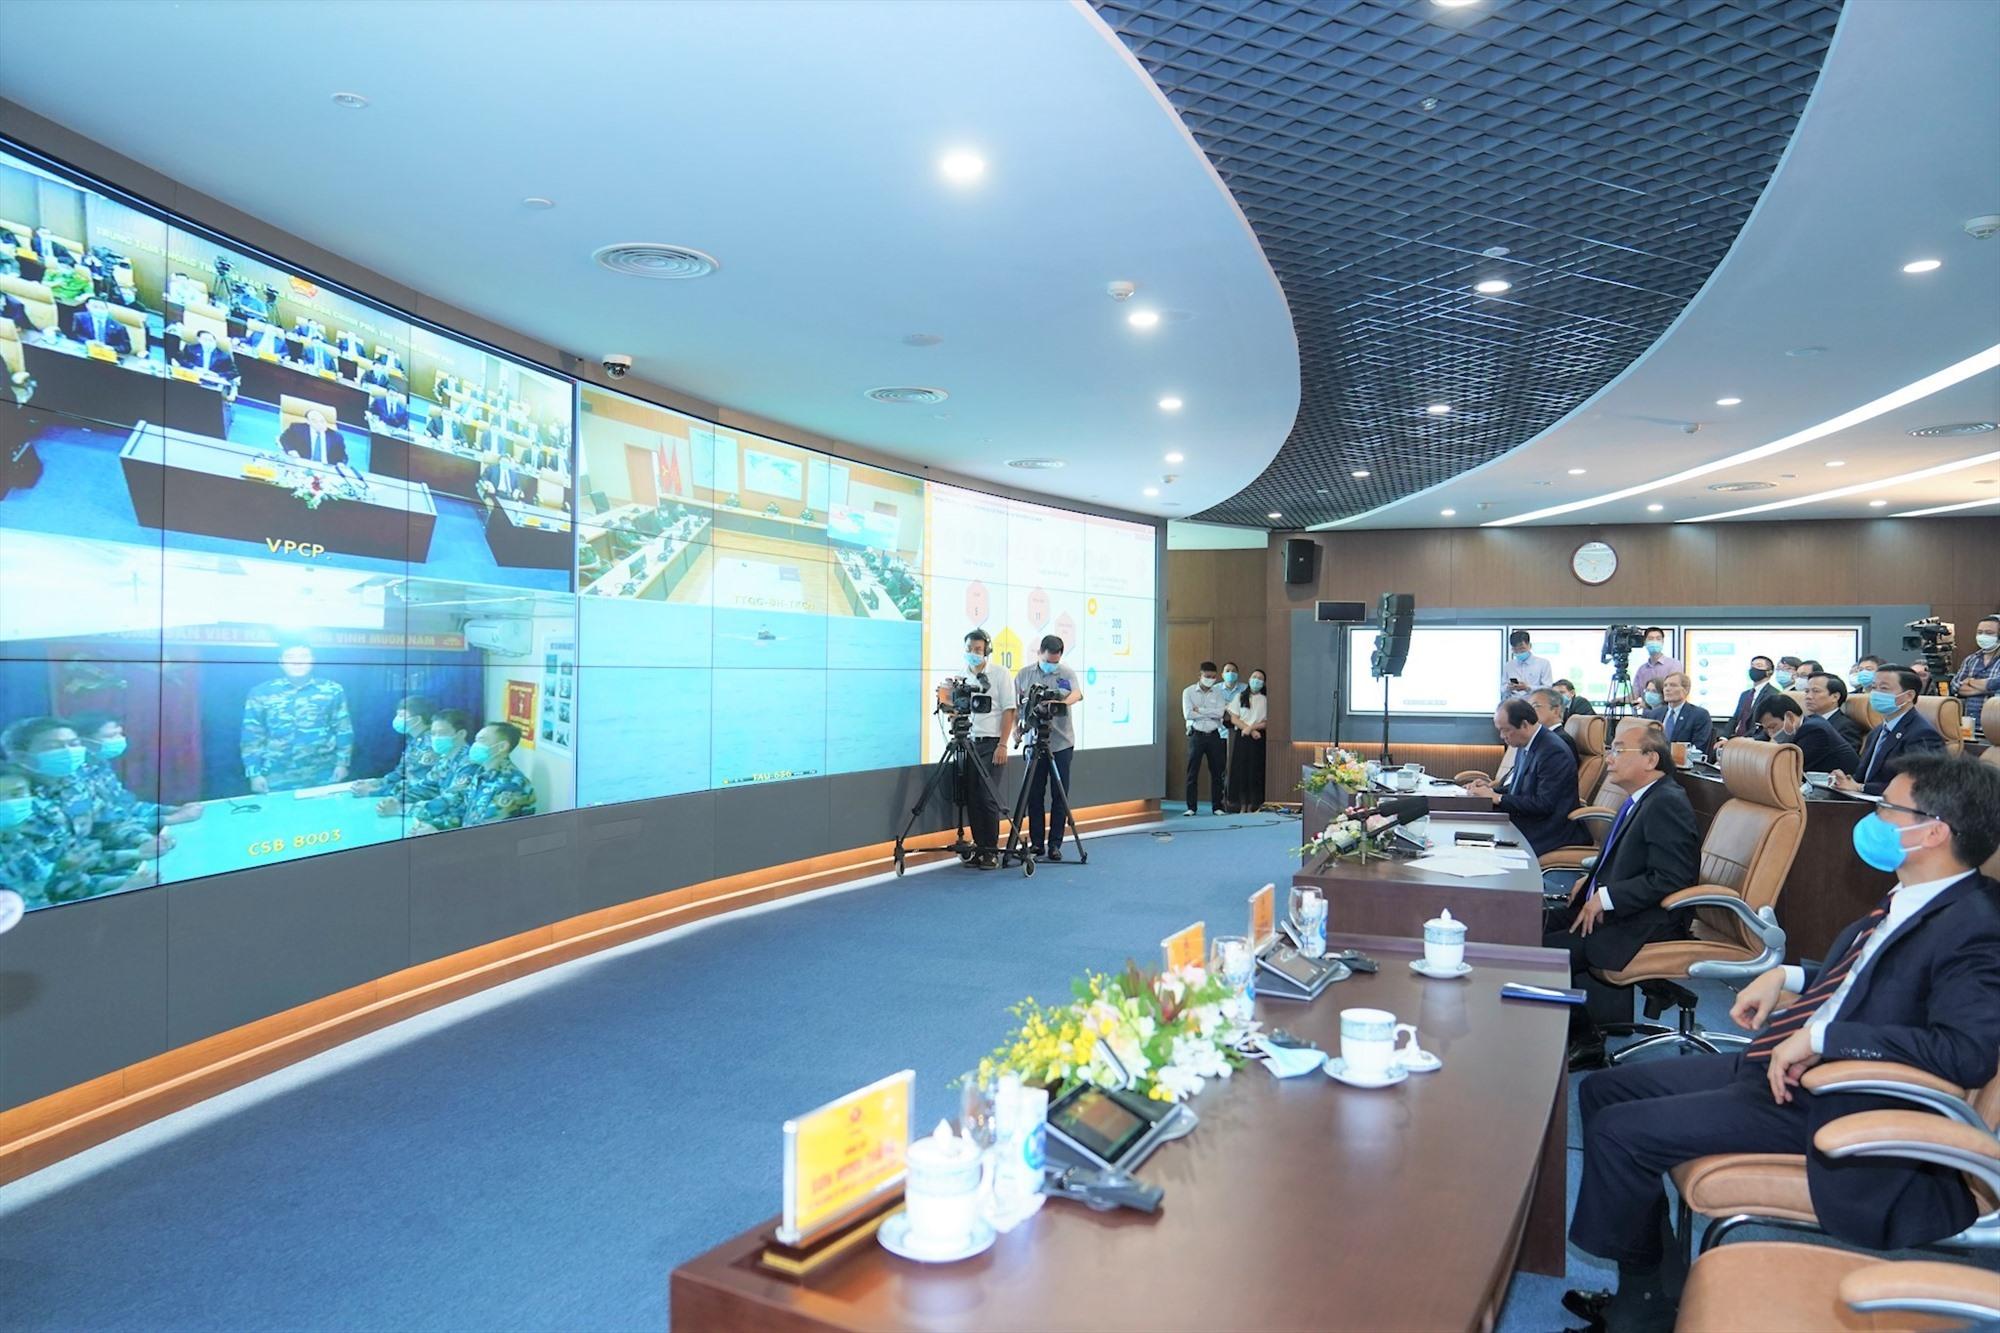 Từ Trung tâm Thông tin, chỉ đạo điều hành của Chính phủ, Thủ tướng Nguyễn Xuân Phúc làm việc và chỉ đạo trực tiếp với lãnh đạo một số địa phương, cơ quan tại các điểm cầu. Ảnh: VGP/QUANG HIẾU